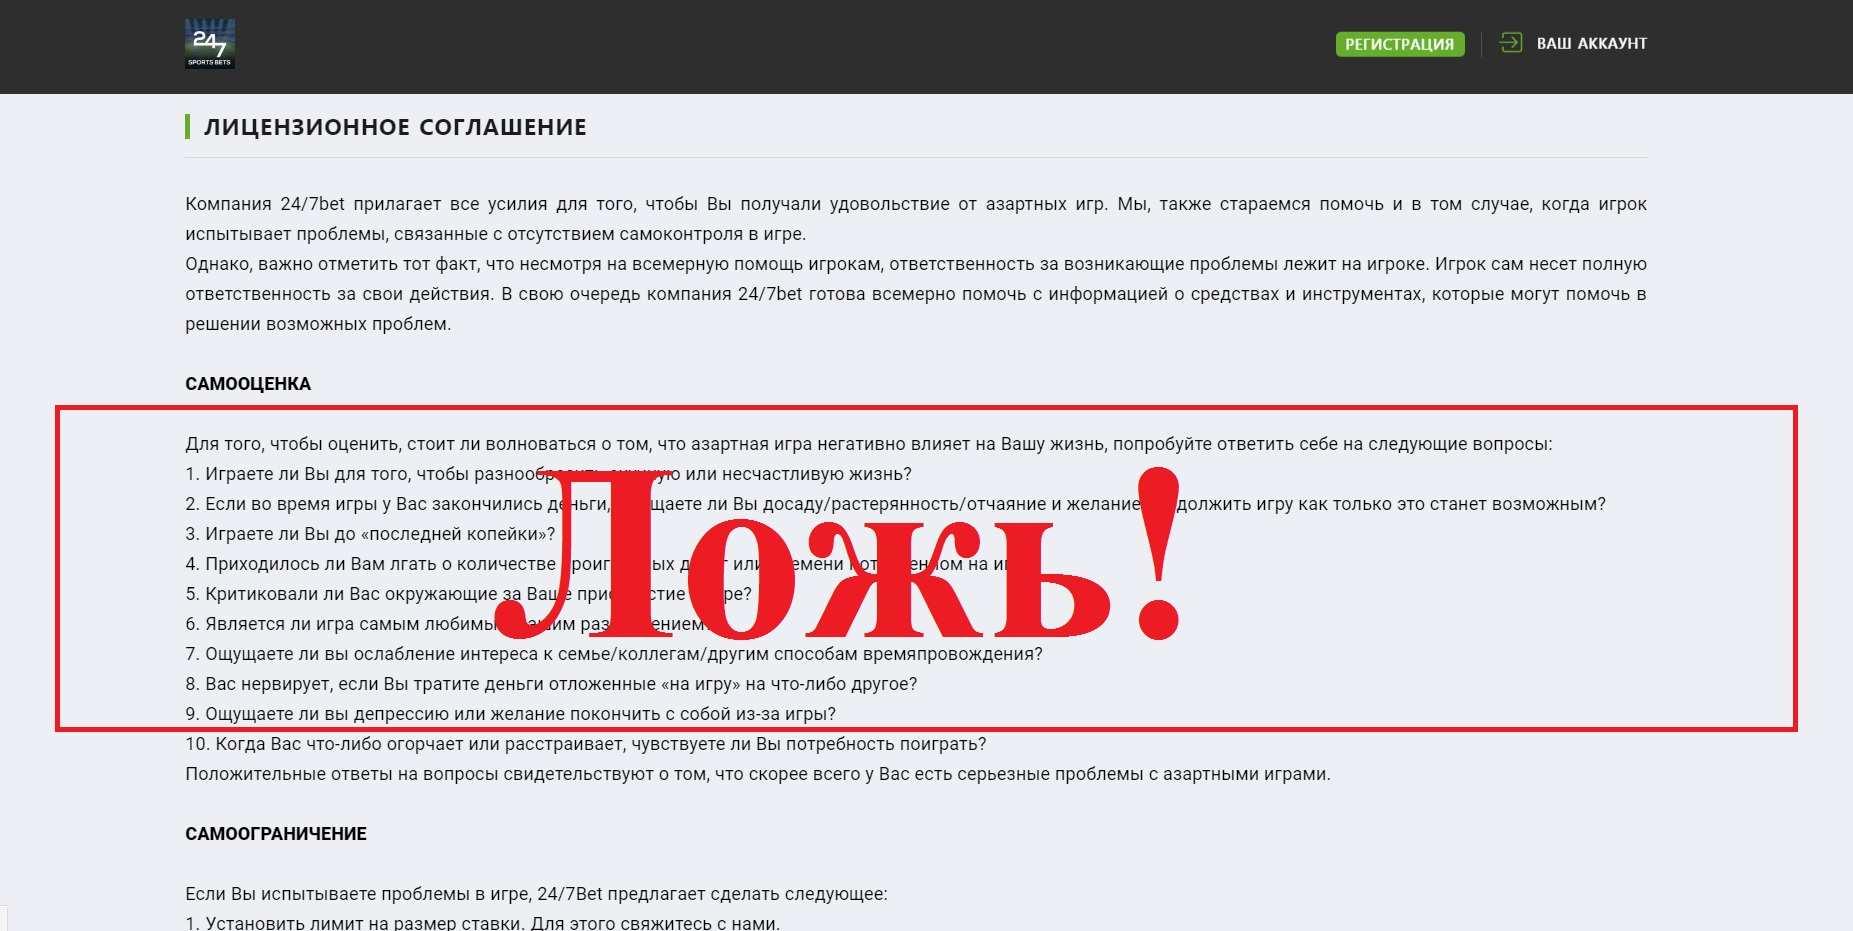 24-7bet.ru – отзывы и проверка